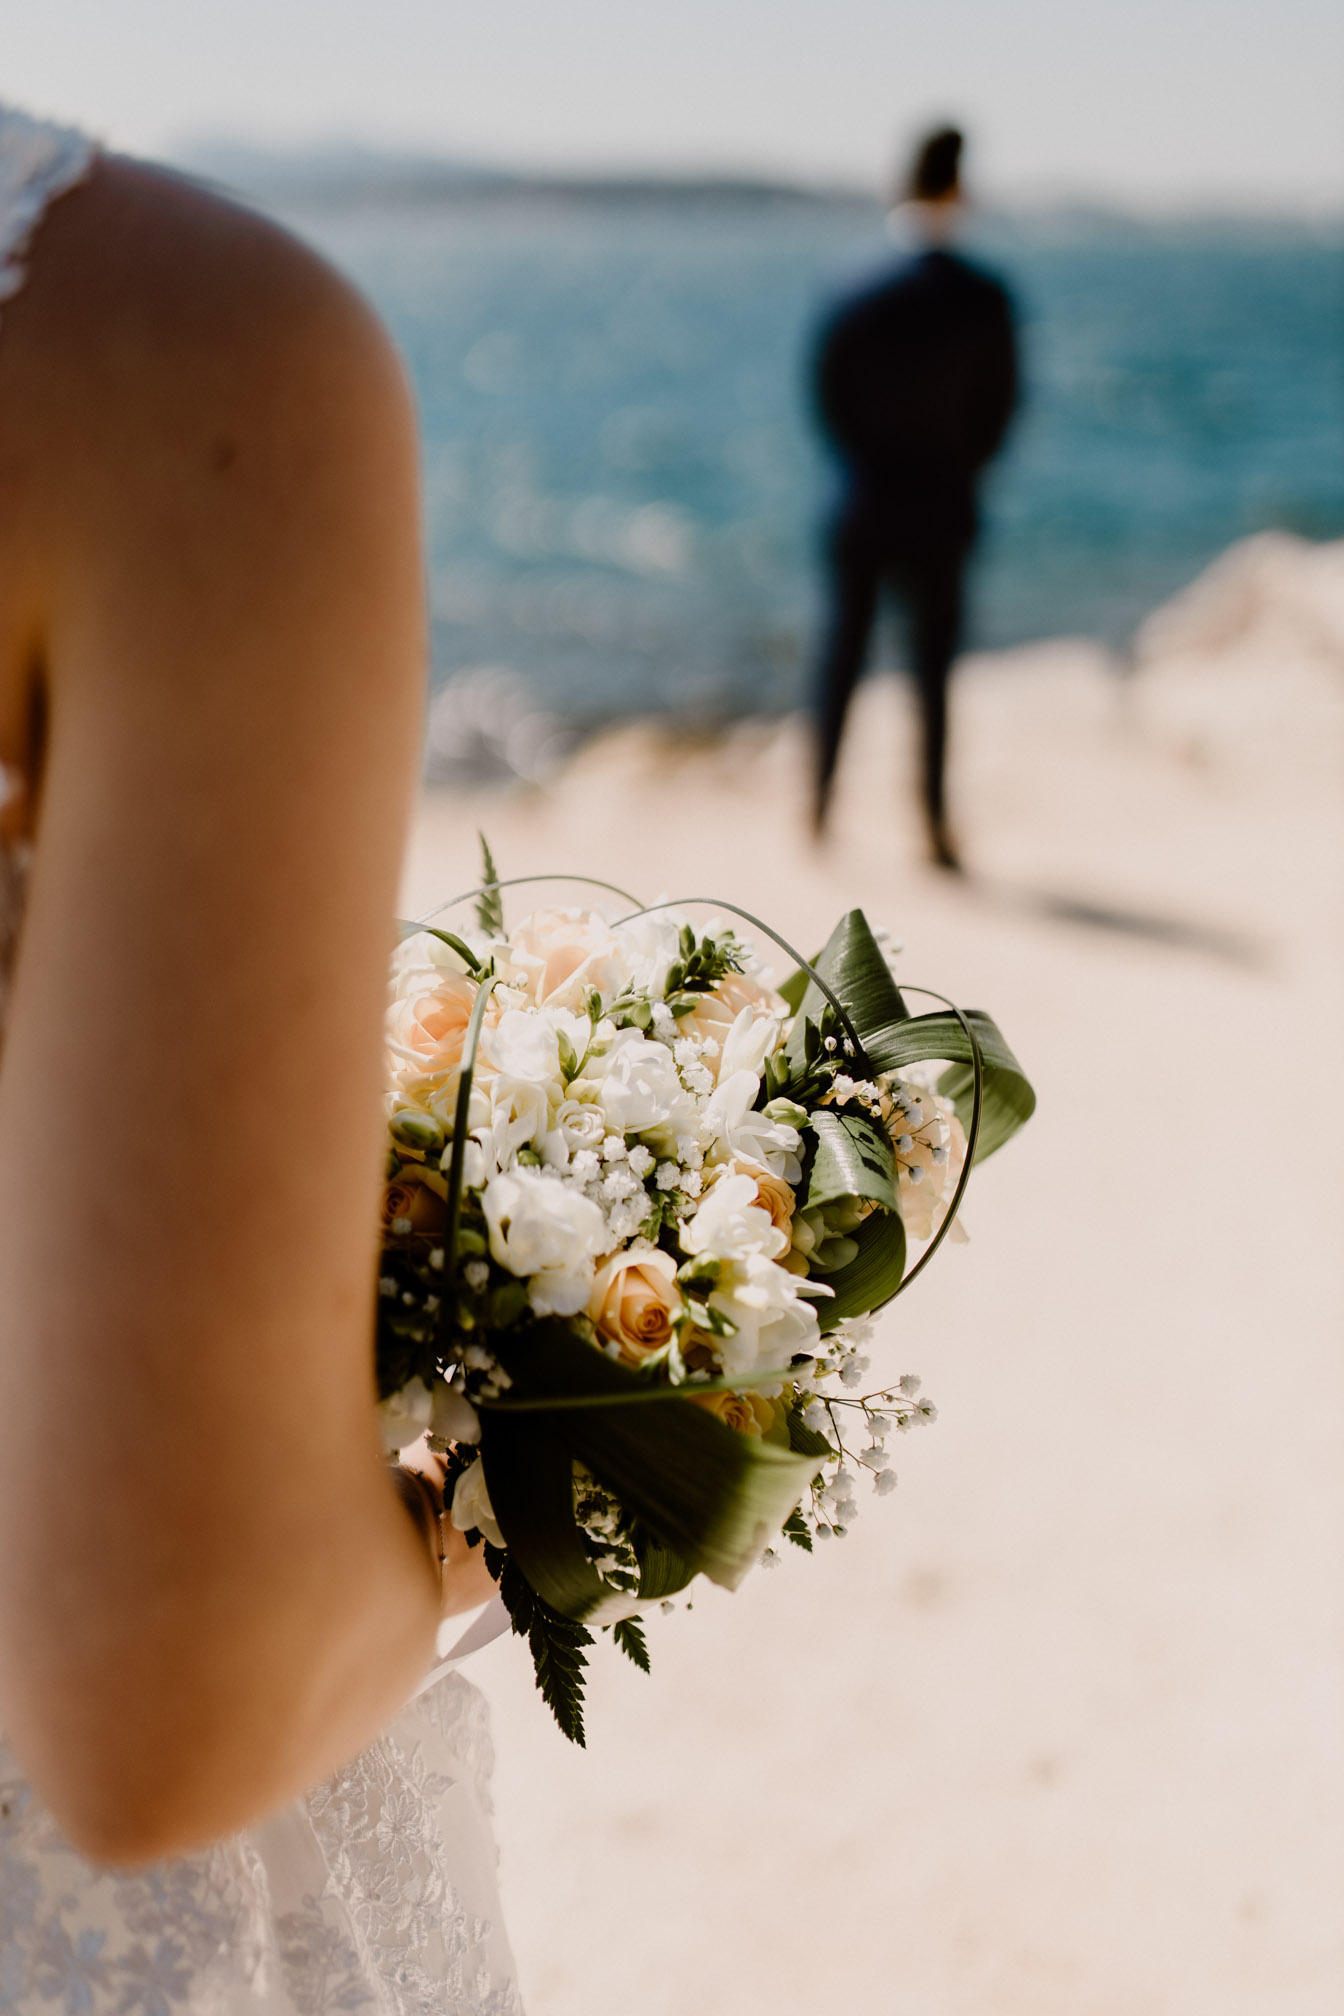 Découverte de la robe de mariée par son futur mari